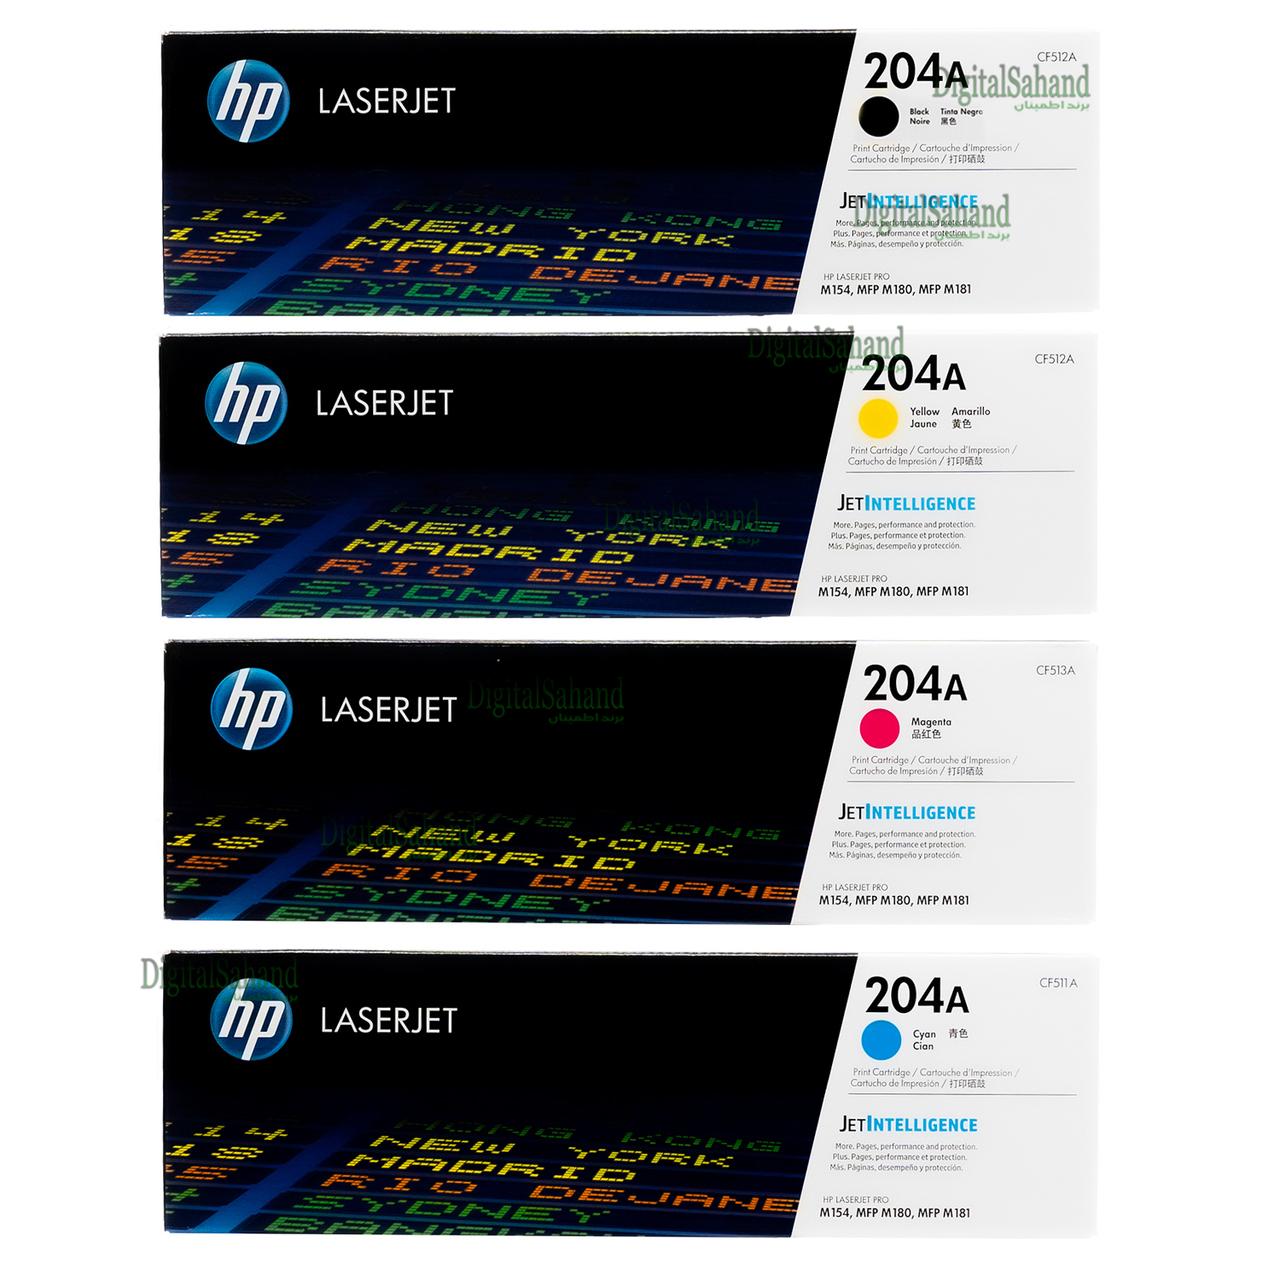 ست کارتریج تونر رنگی HP 204A